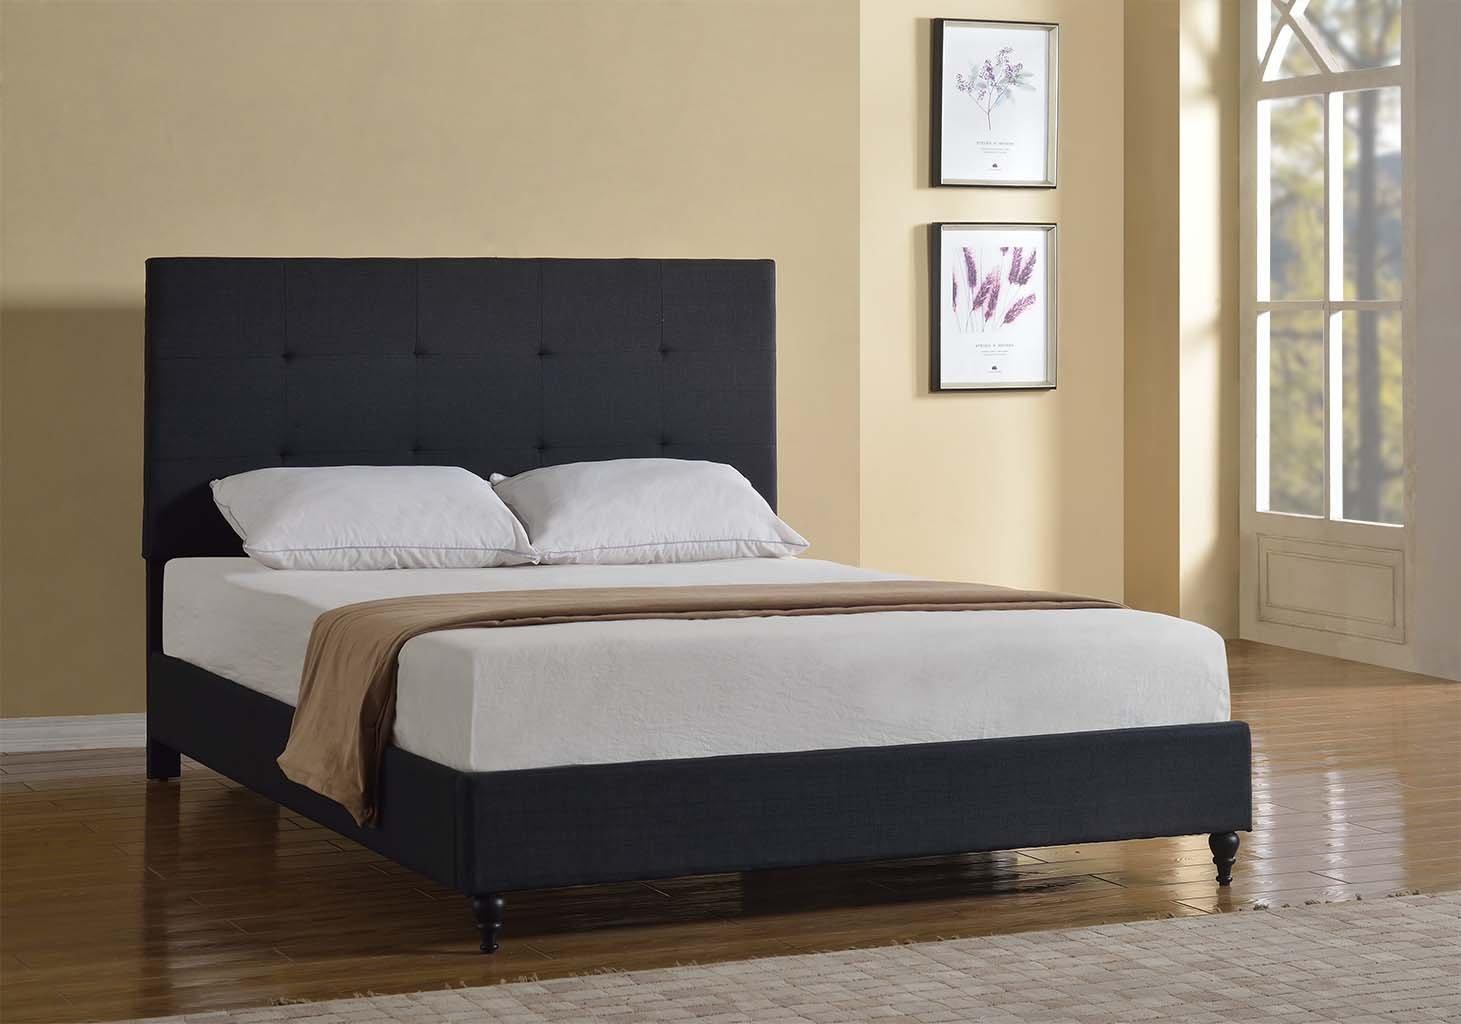 Queen Size Platform Bed Frame Upholstered Headboard Modern